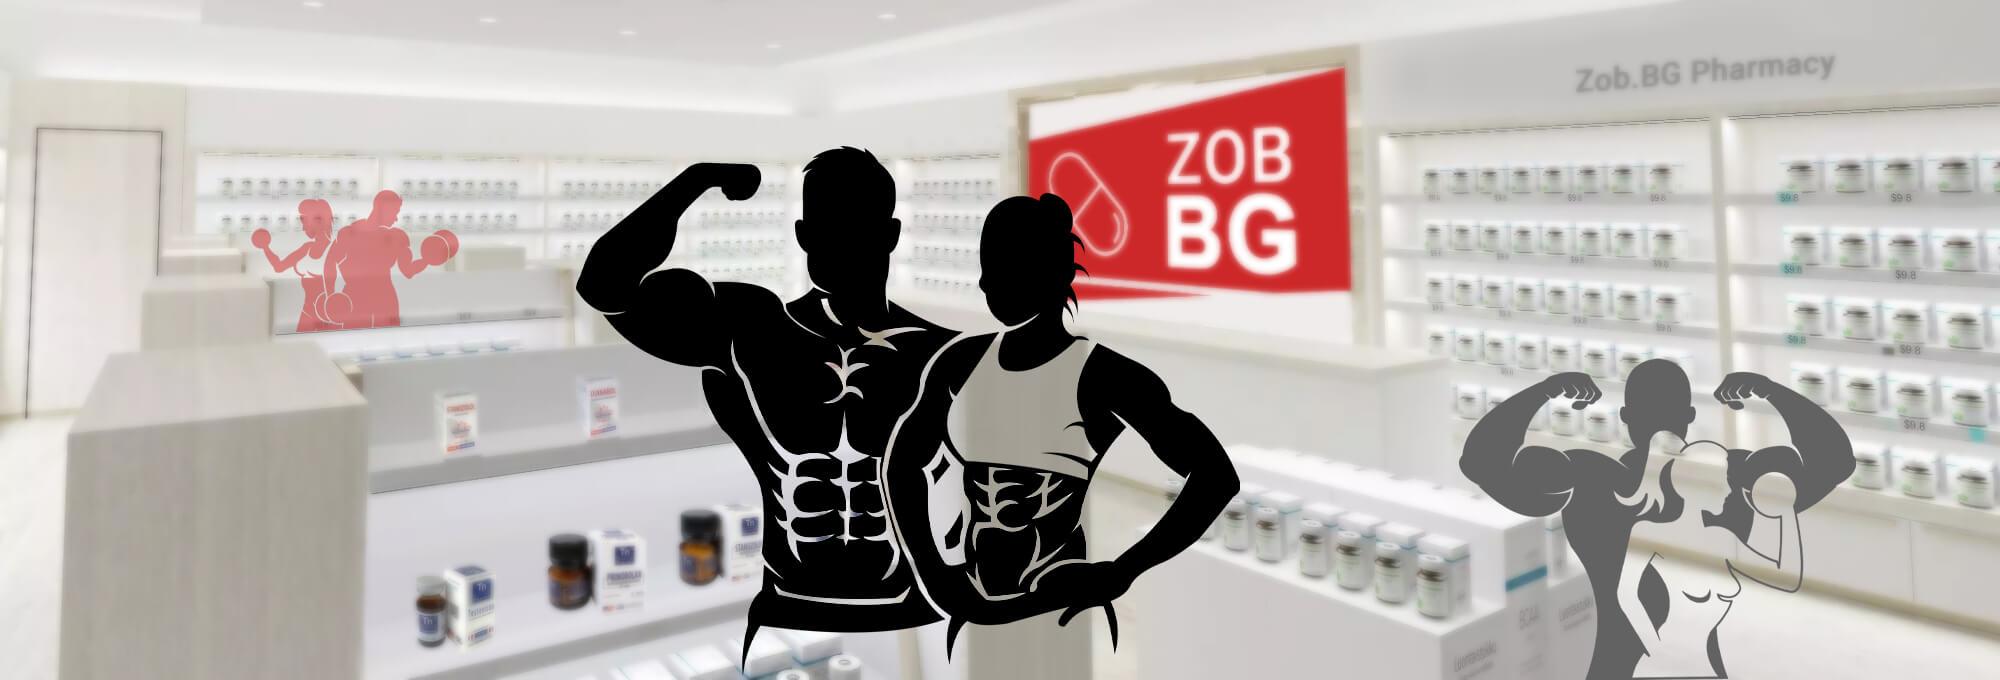 Zob.BG - Магазин за анаболни стероиди